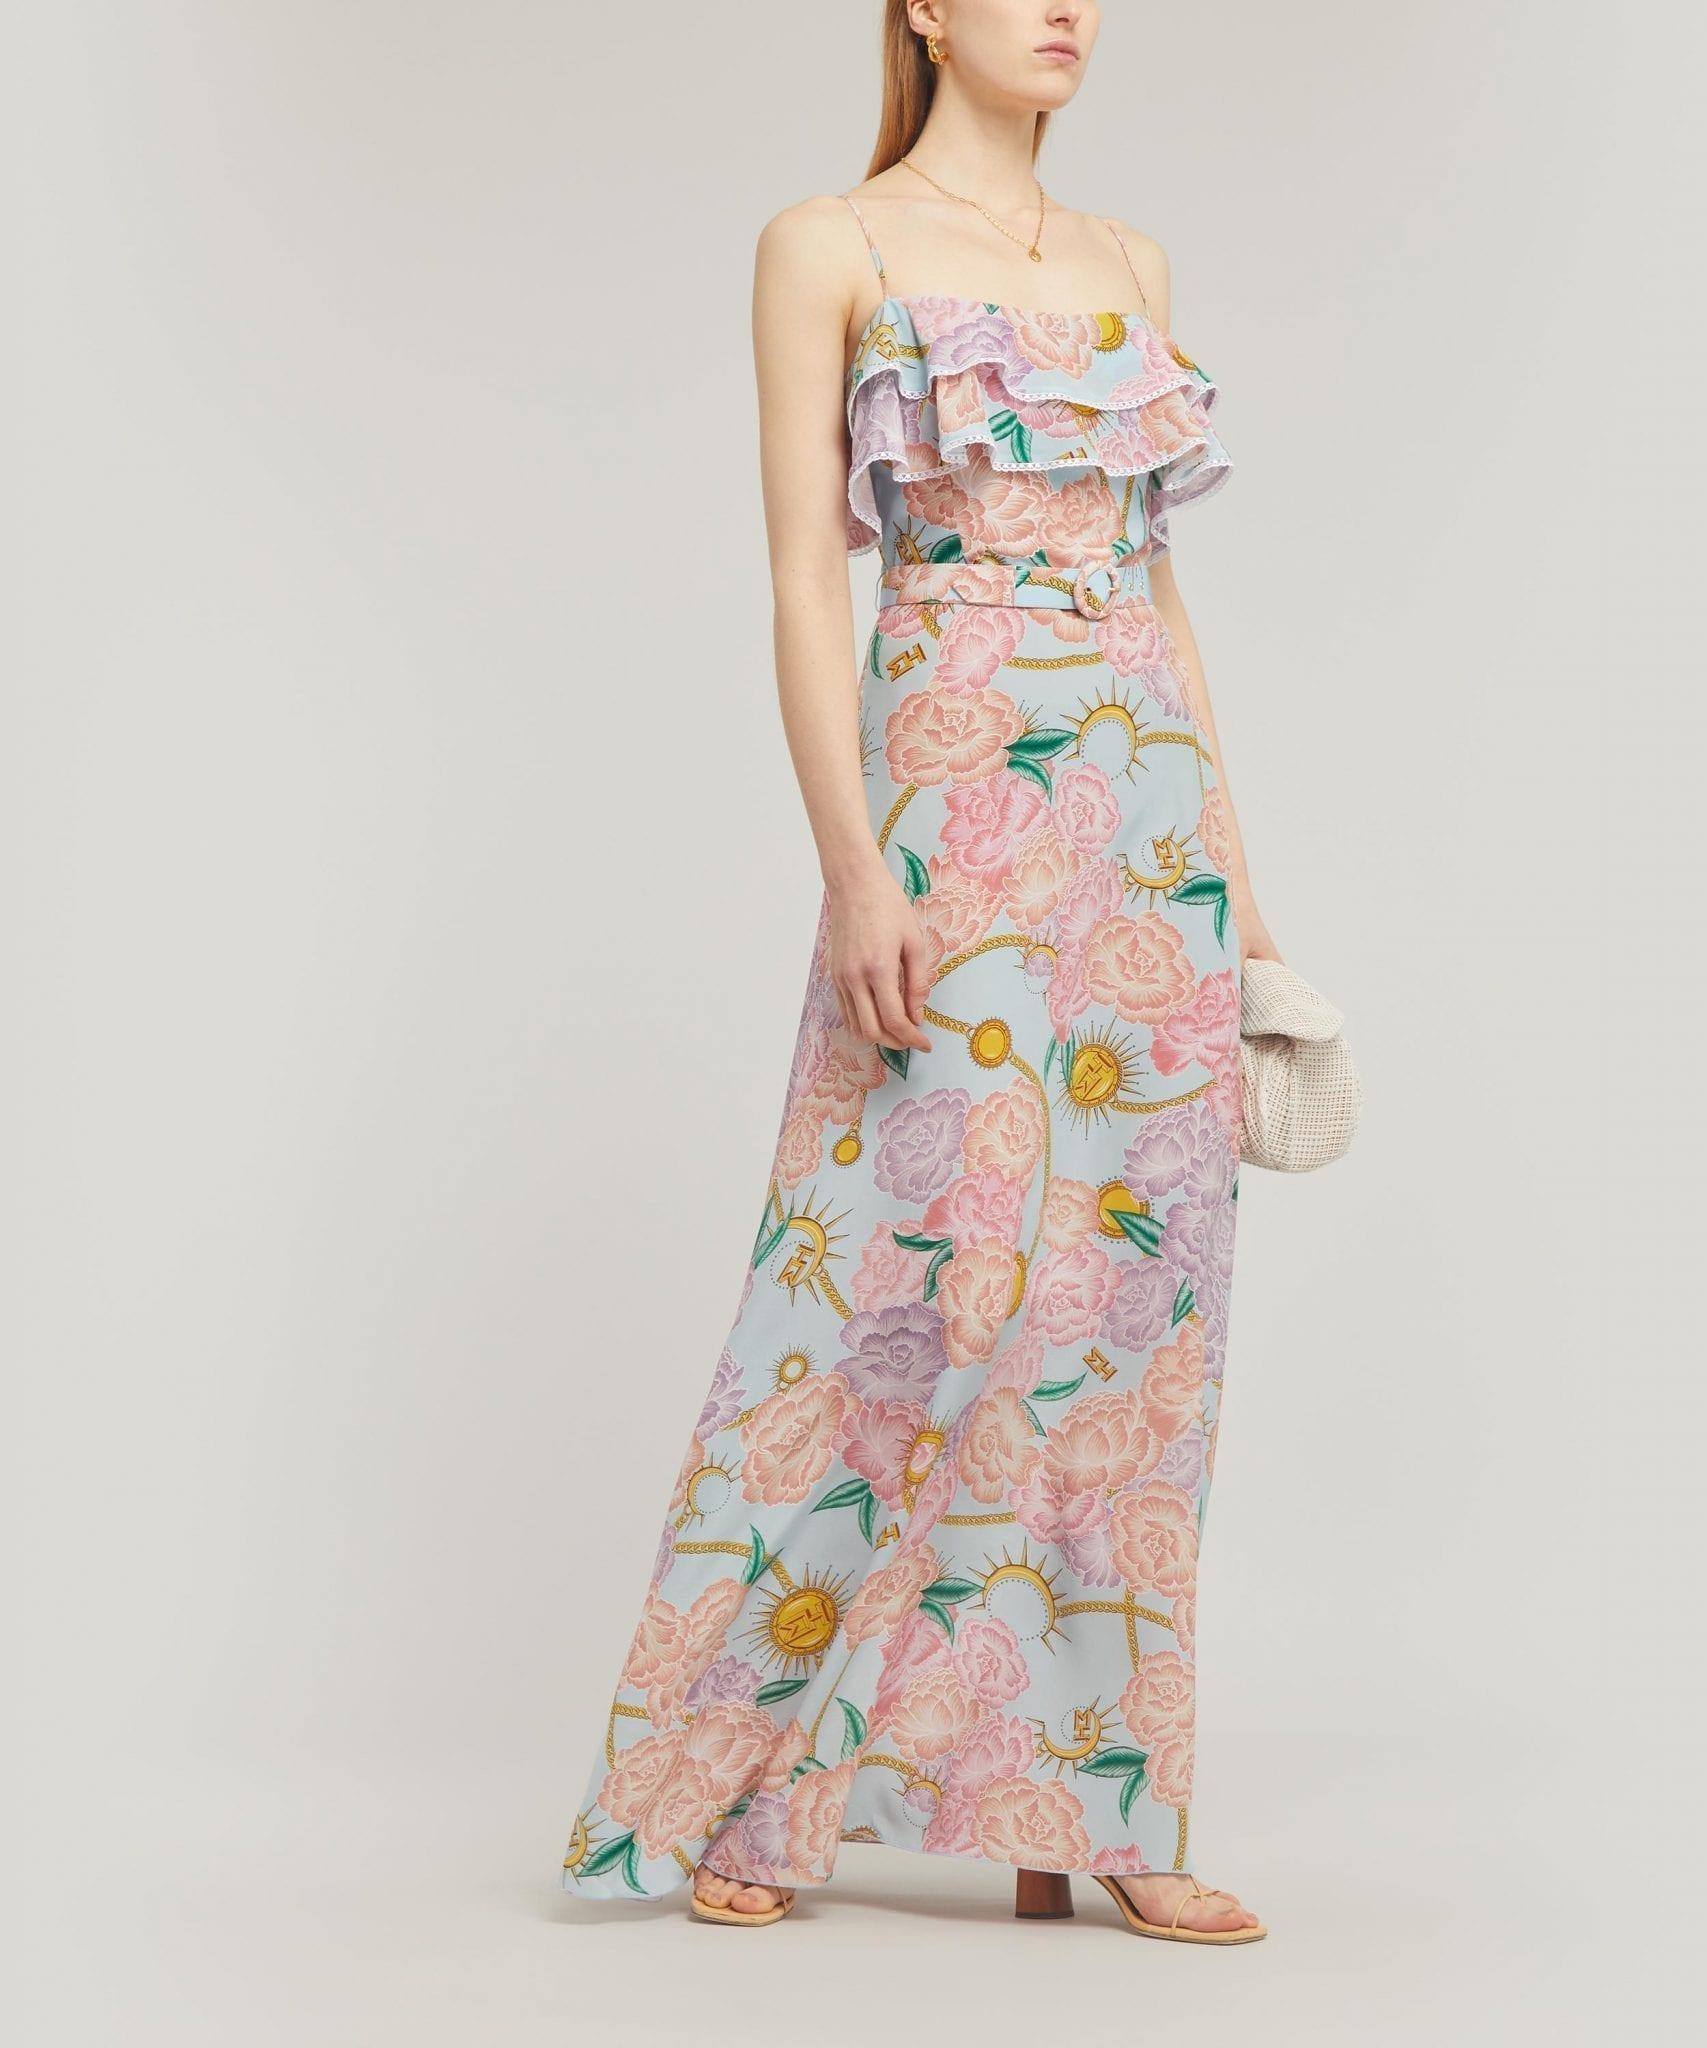 HAYLEY MENZIES Luna Floral Maxi-Dress